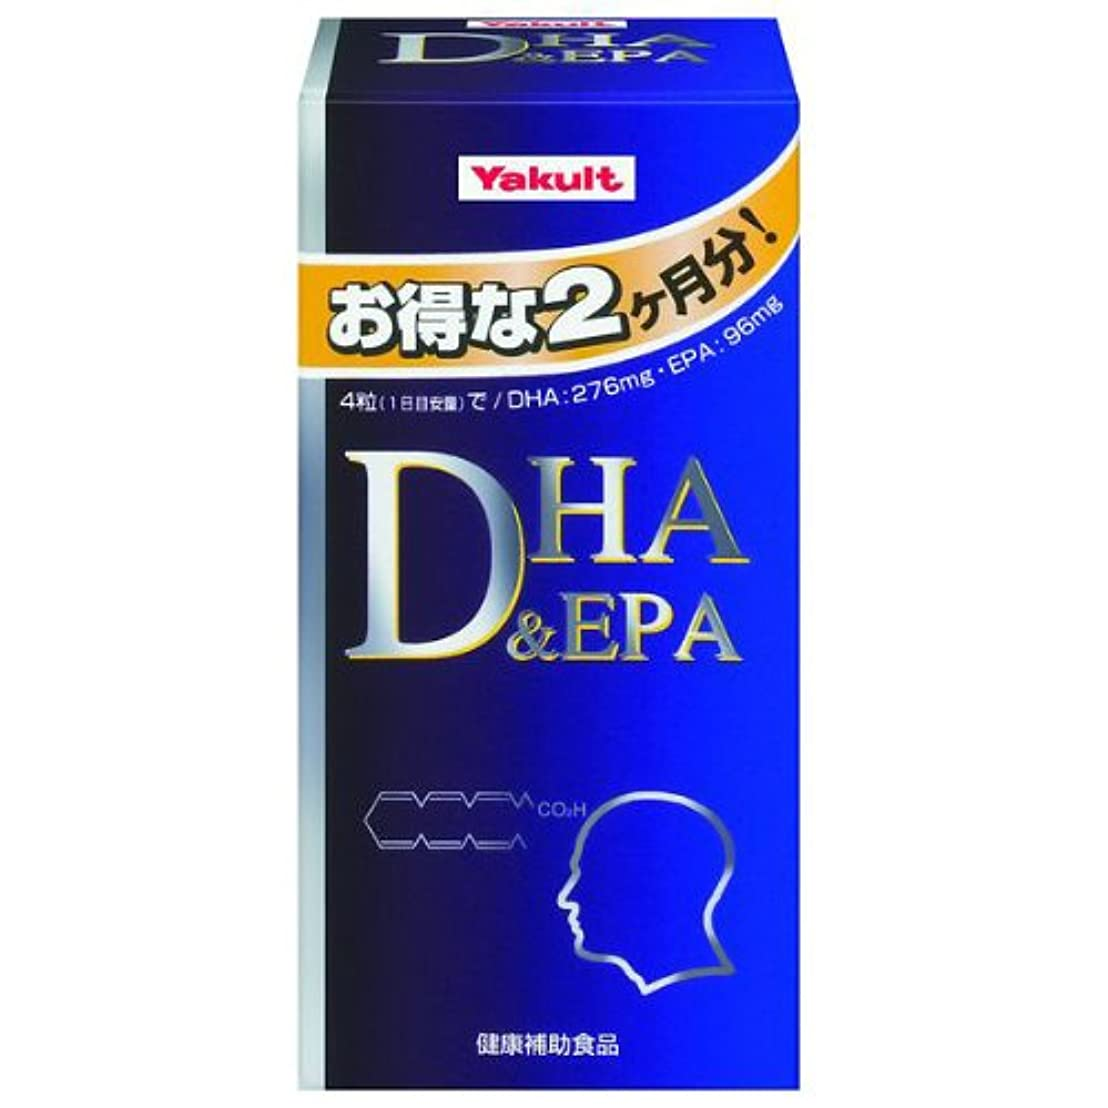 軽減縞模様の債務者DHA&EPA 240粒